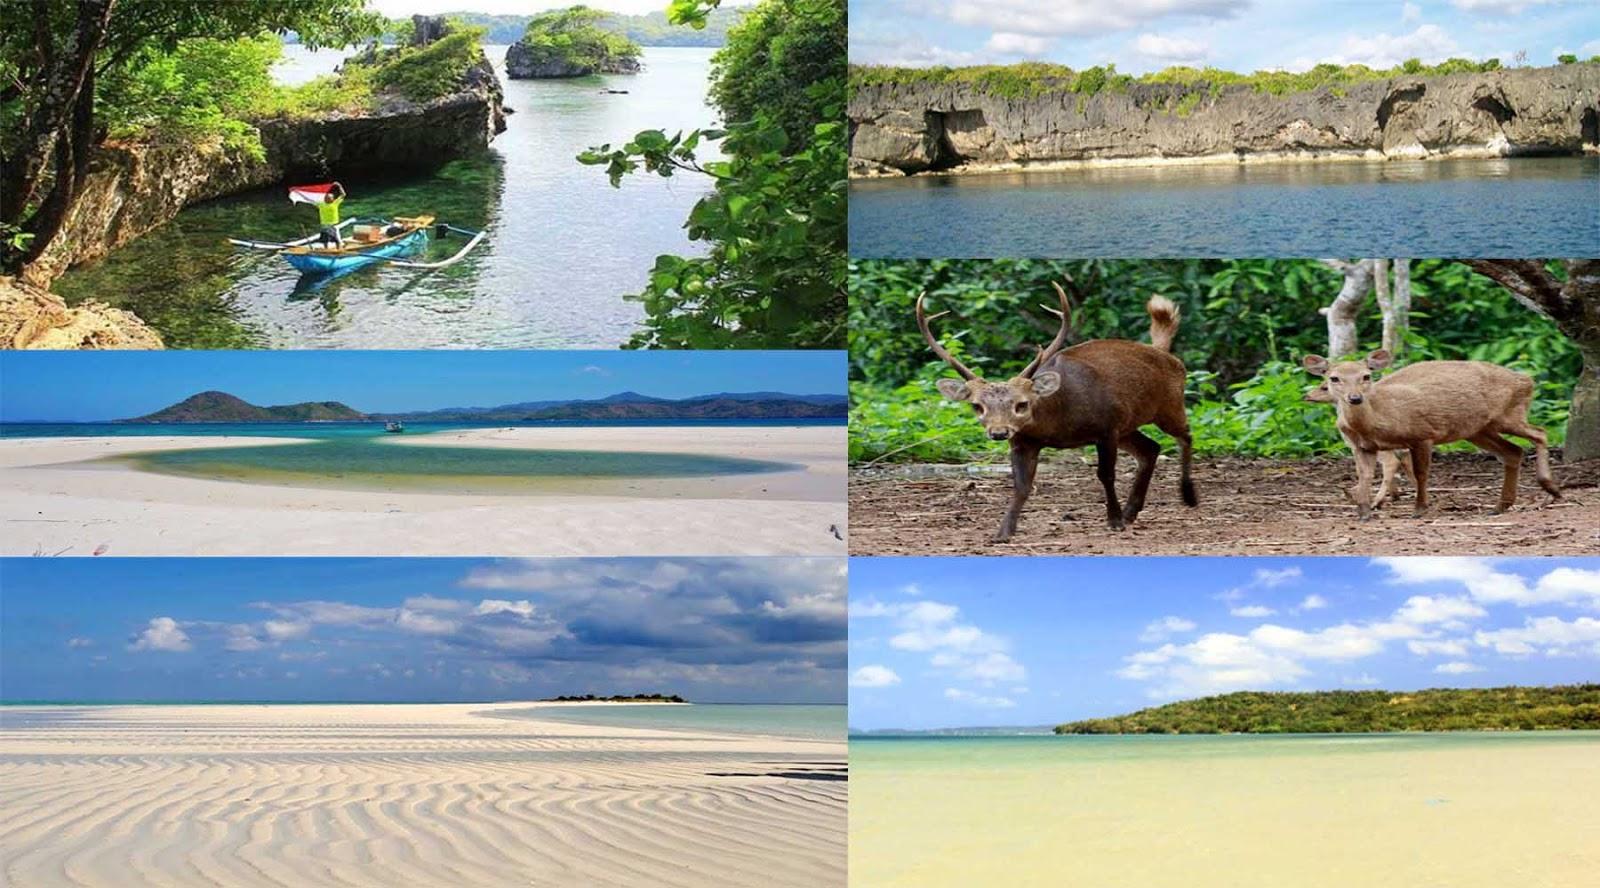 Wisata Pantai Pulau Bawean Gresik Pesona Kuburan Panjang Kab